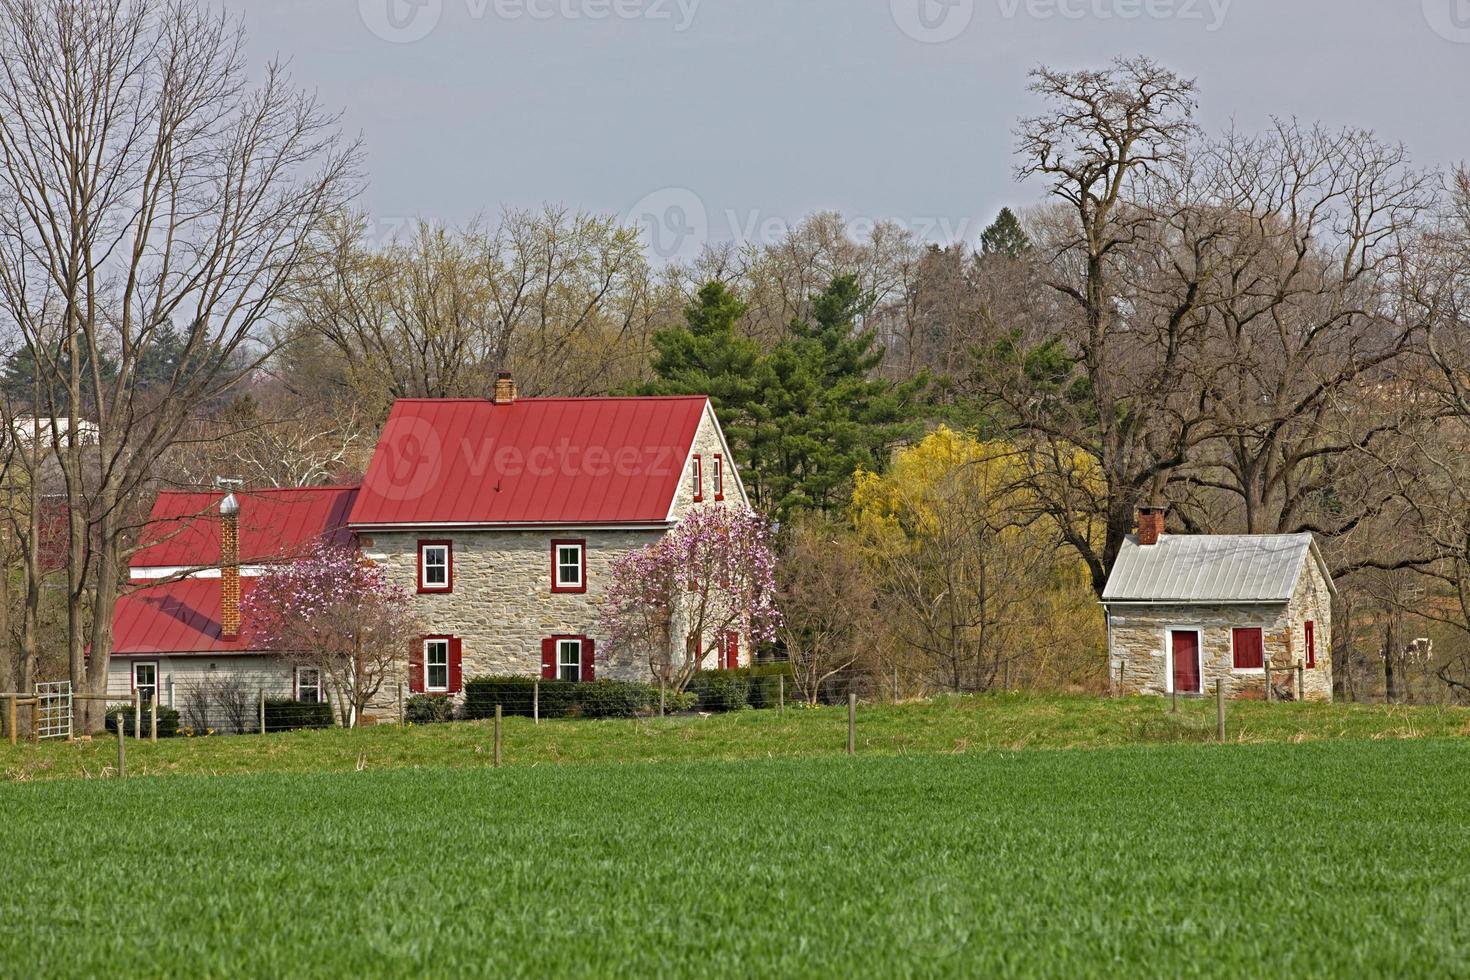 ferme coloniale en calcaire et cuisine d'été au printemps photo